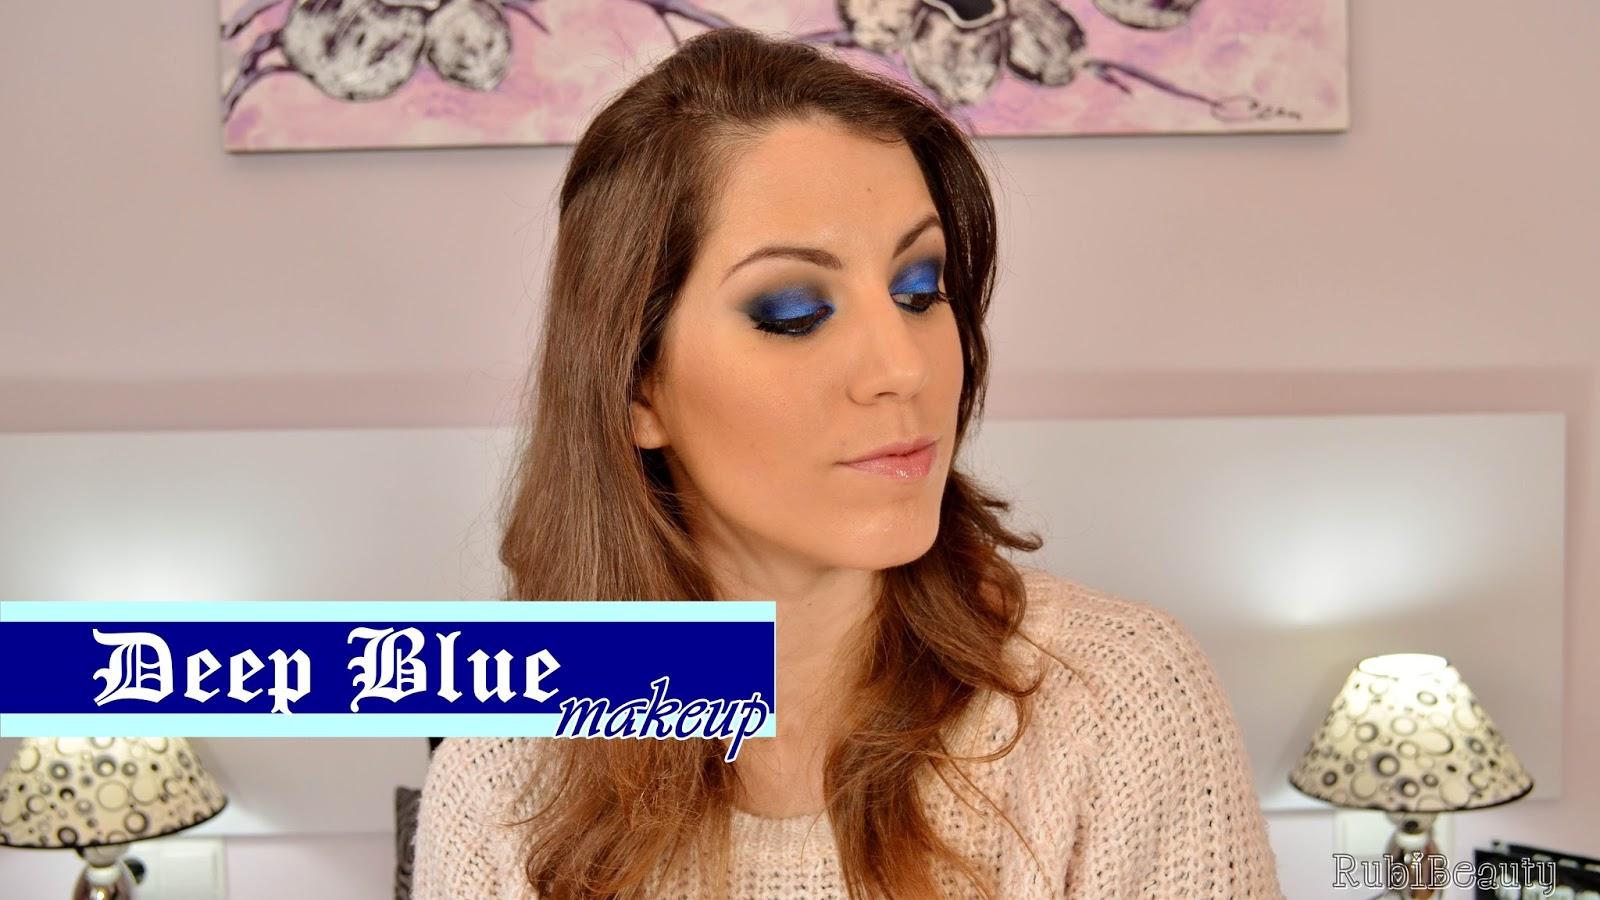 rrubibeauty maquillaje fiesta navidad christmas makeup xmas 2014 azul blue pigmentos